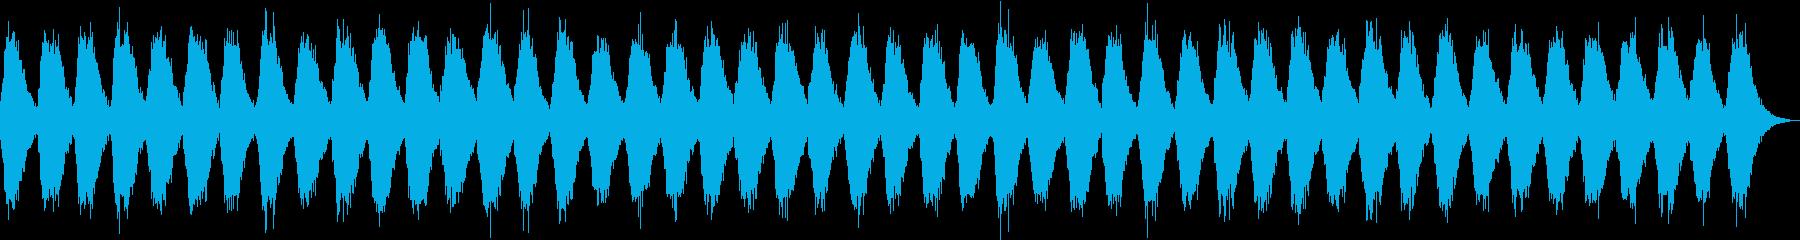 優しいメロディが高い瞑想効果を生むの再生済みの波形